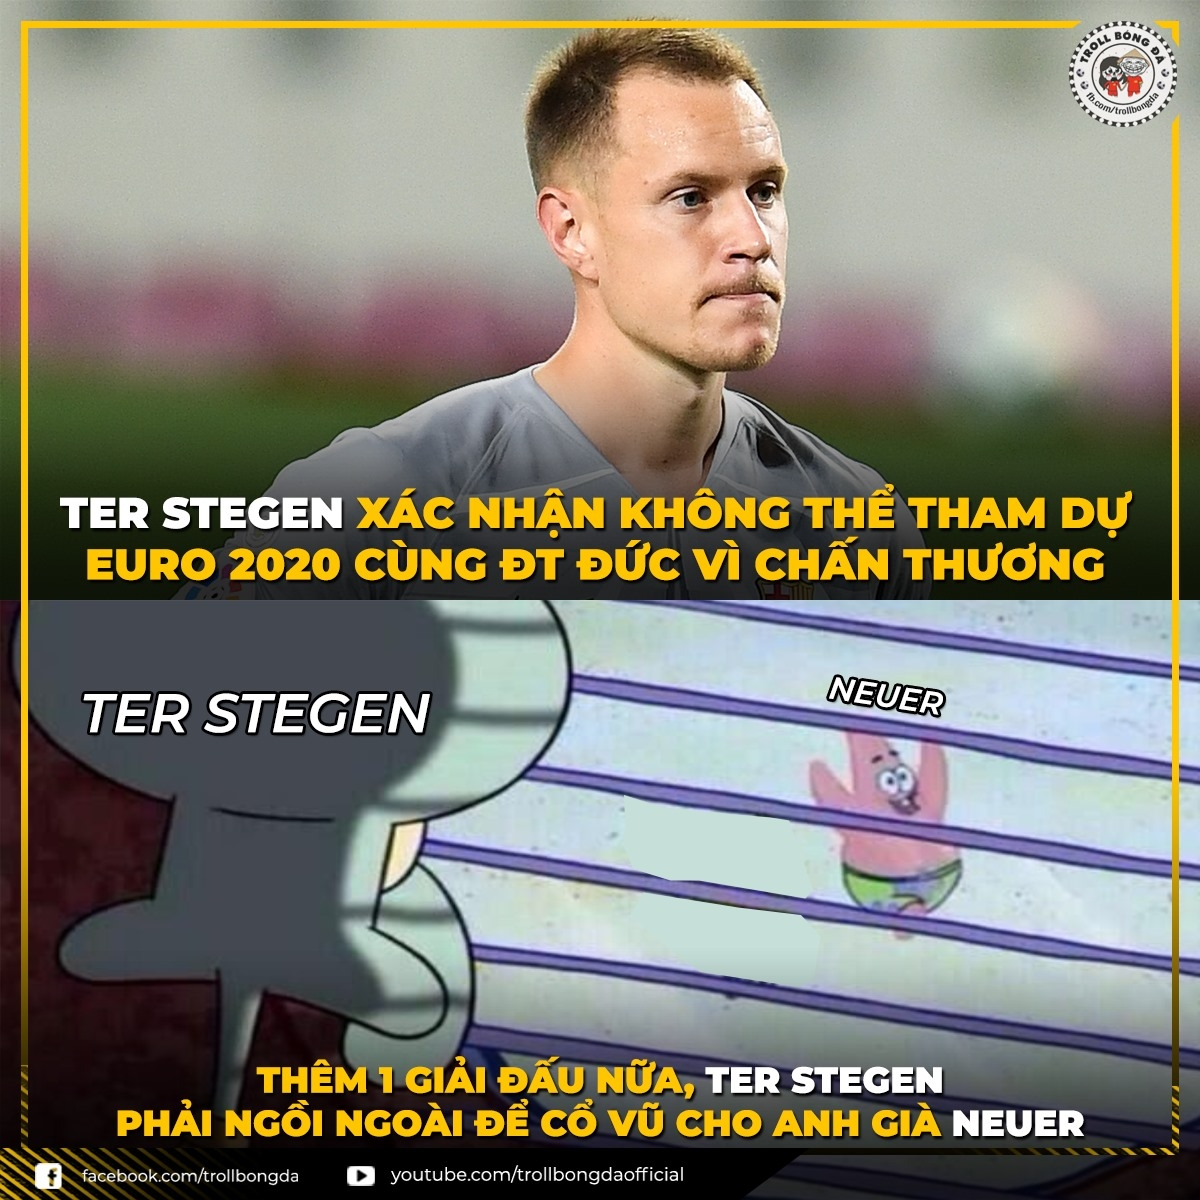 Thêm một giải đấu lớn Ter Stegen lỡ hẹn với ĐT Đức. (Ảnh: Troll bóng đá).